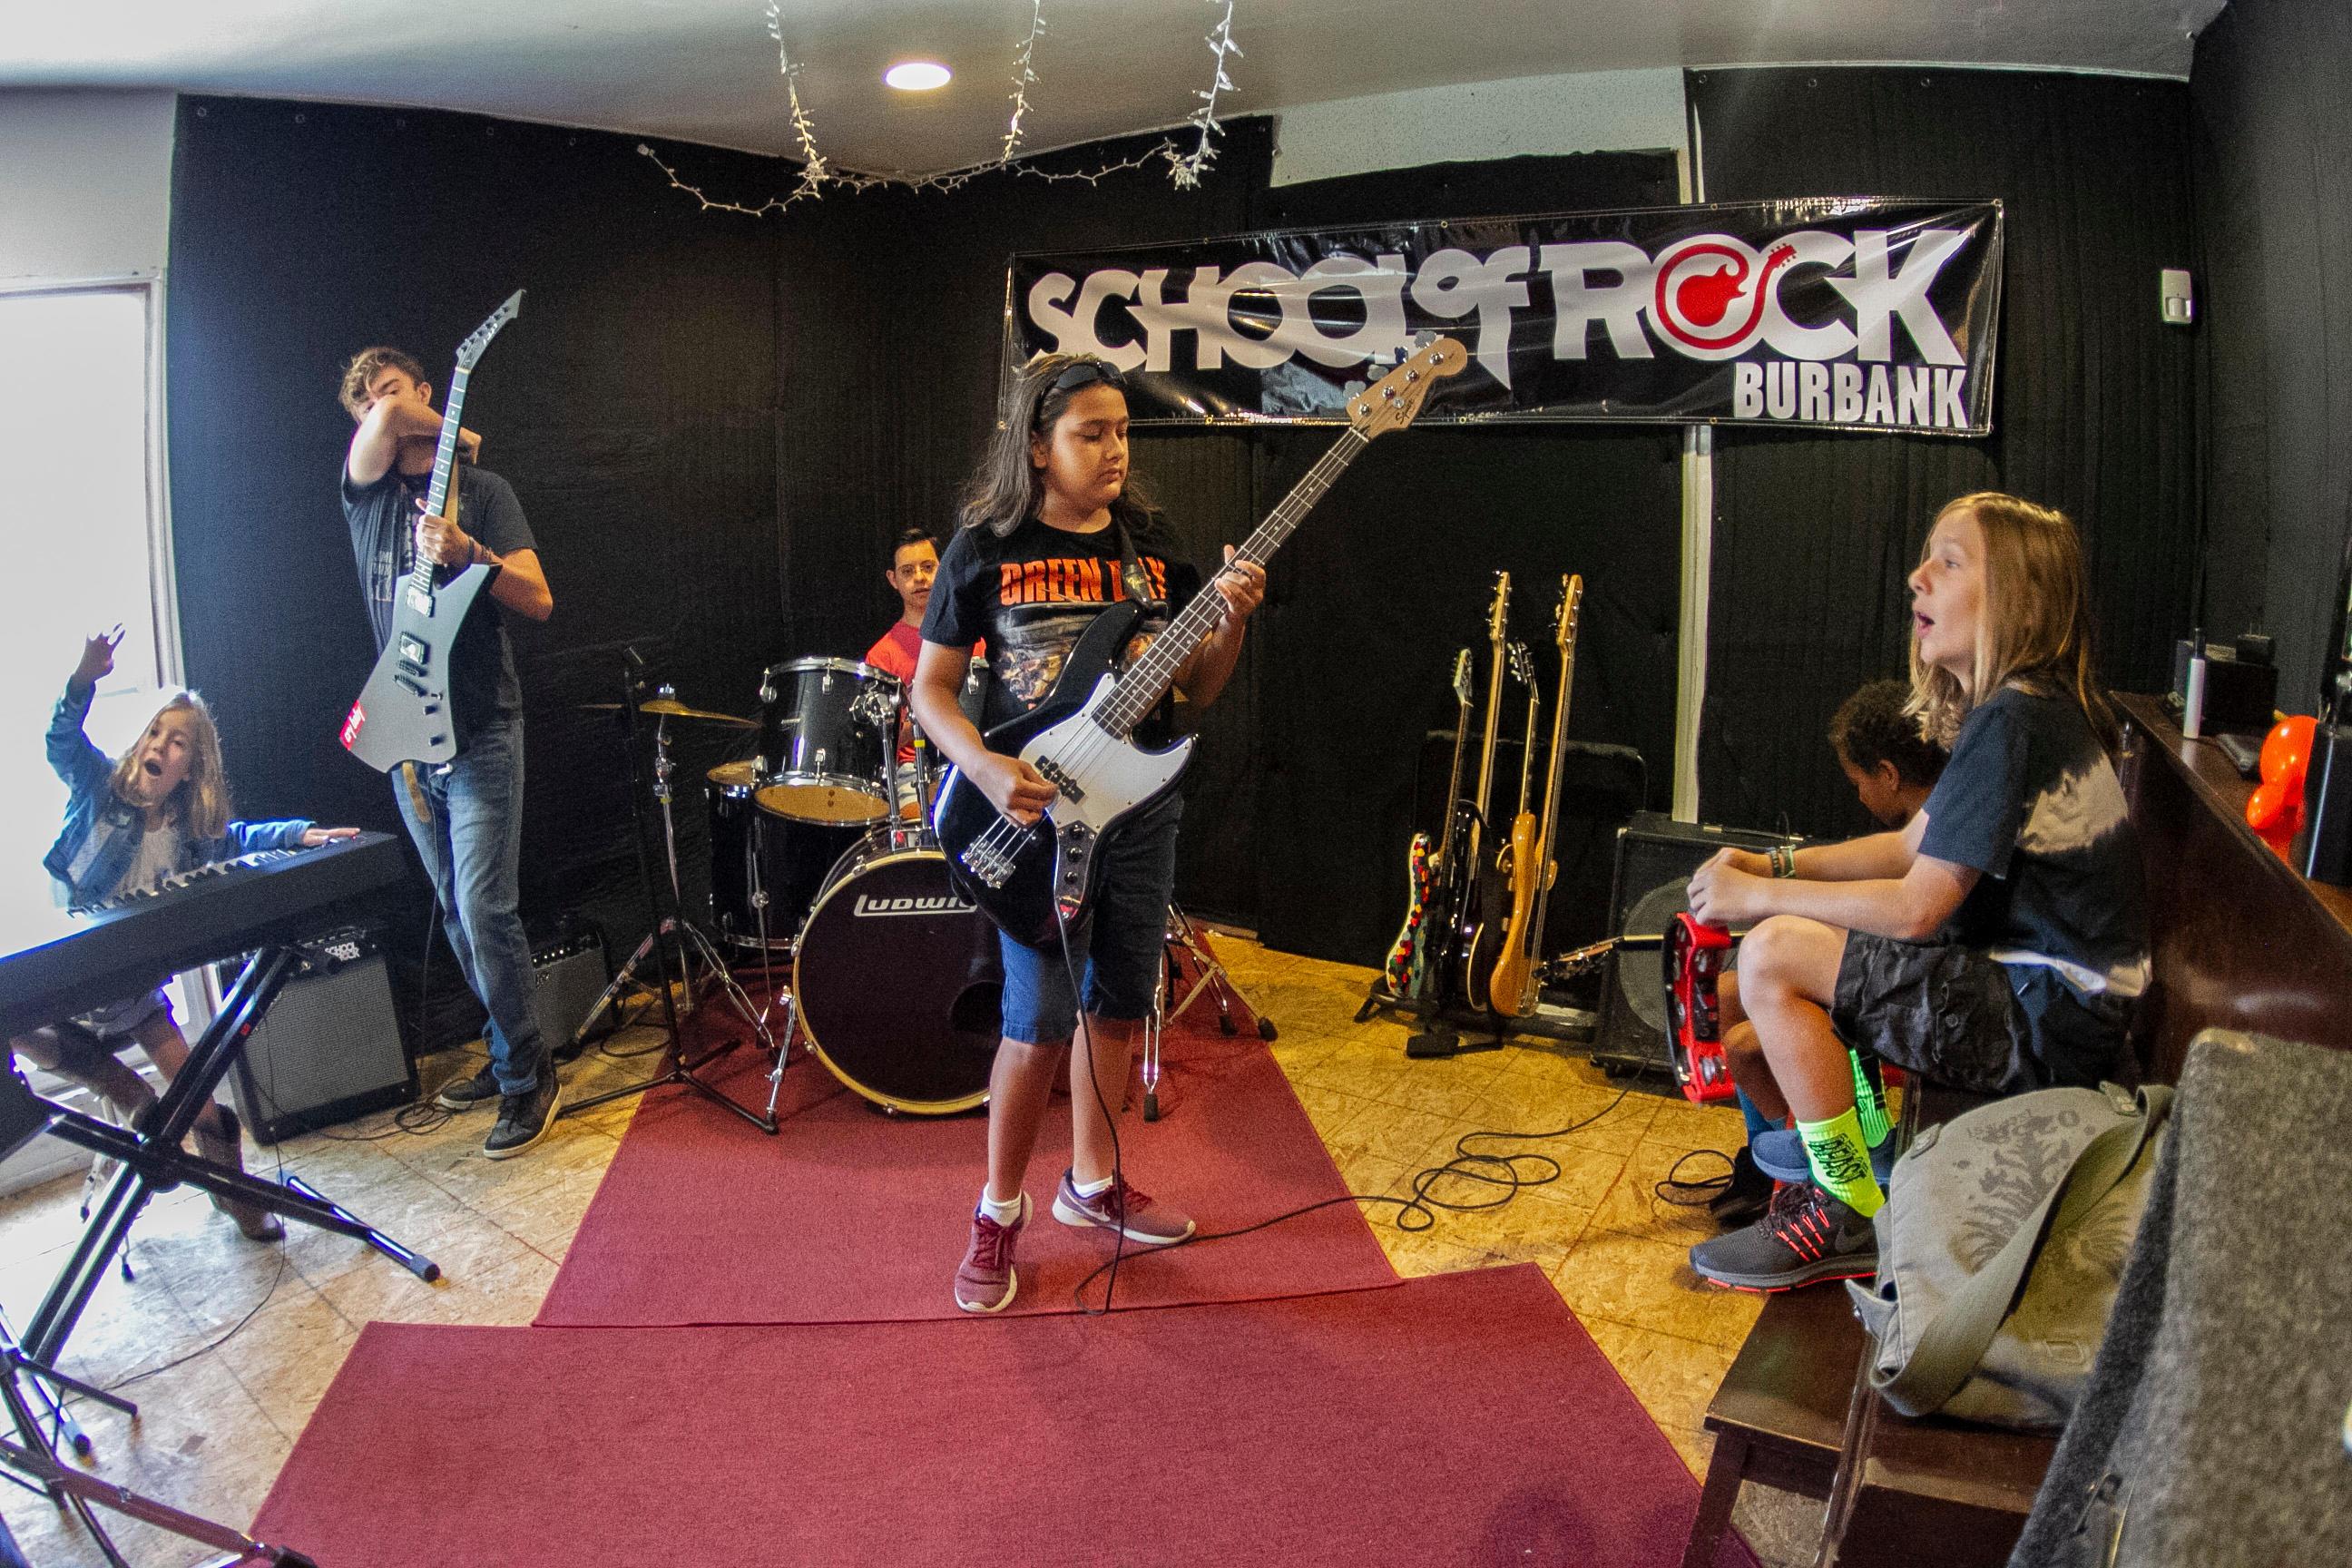 School of Rock Burbank image 9